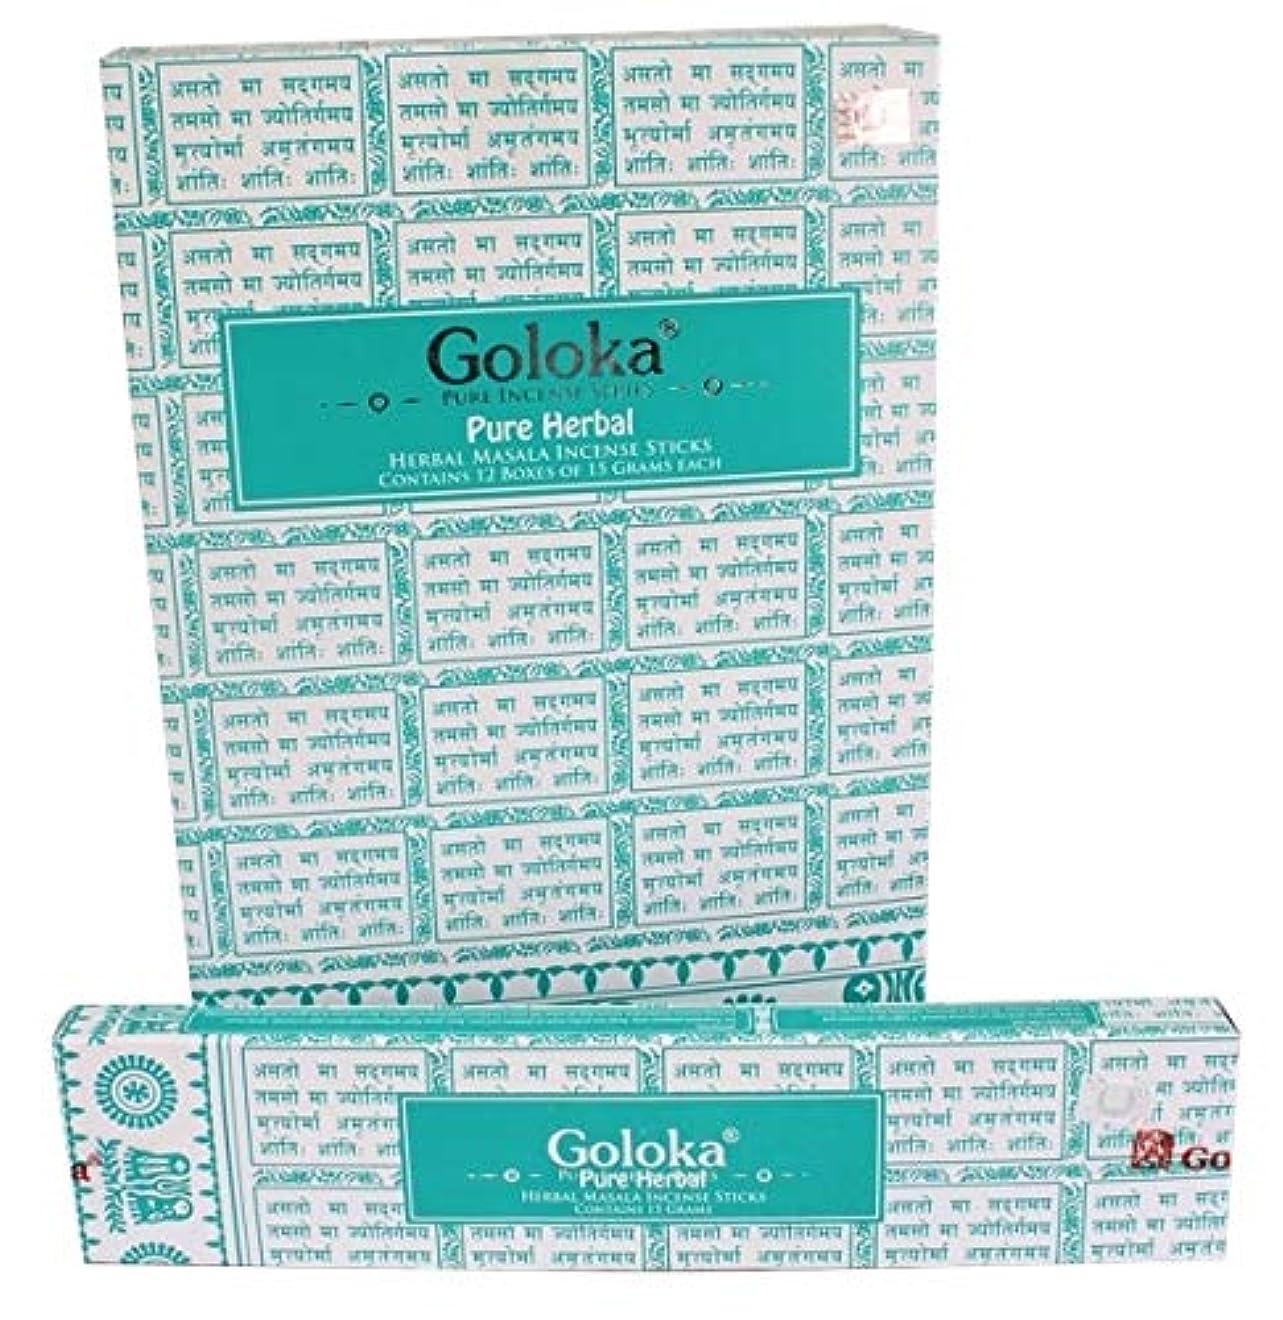 コンペ億名義でGoloka – Pureハーブ – Herbal Incense Sticks – 12ボックスの15グラム合計180グラム